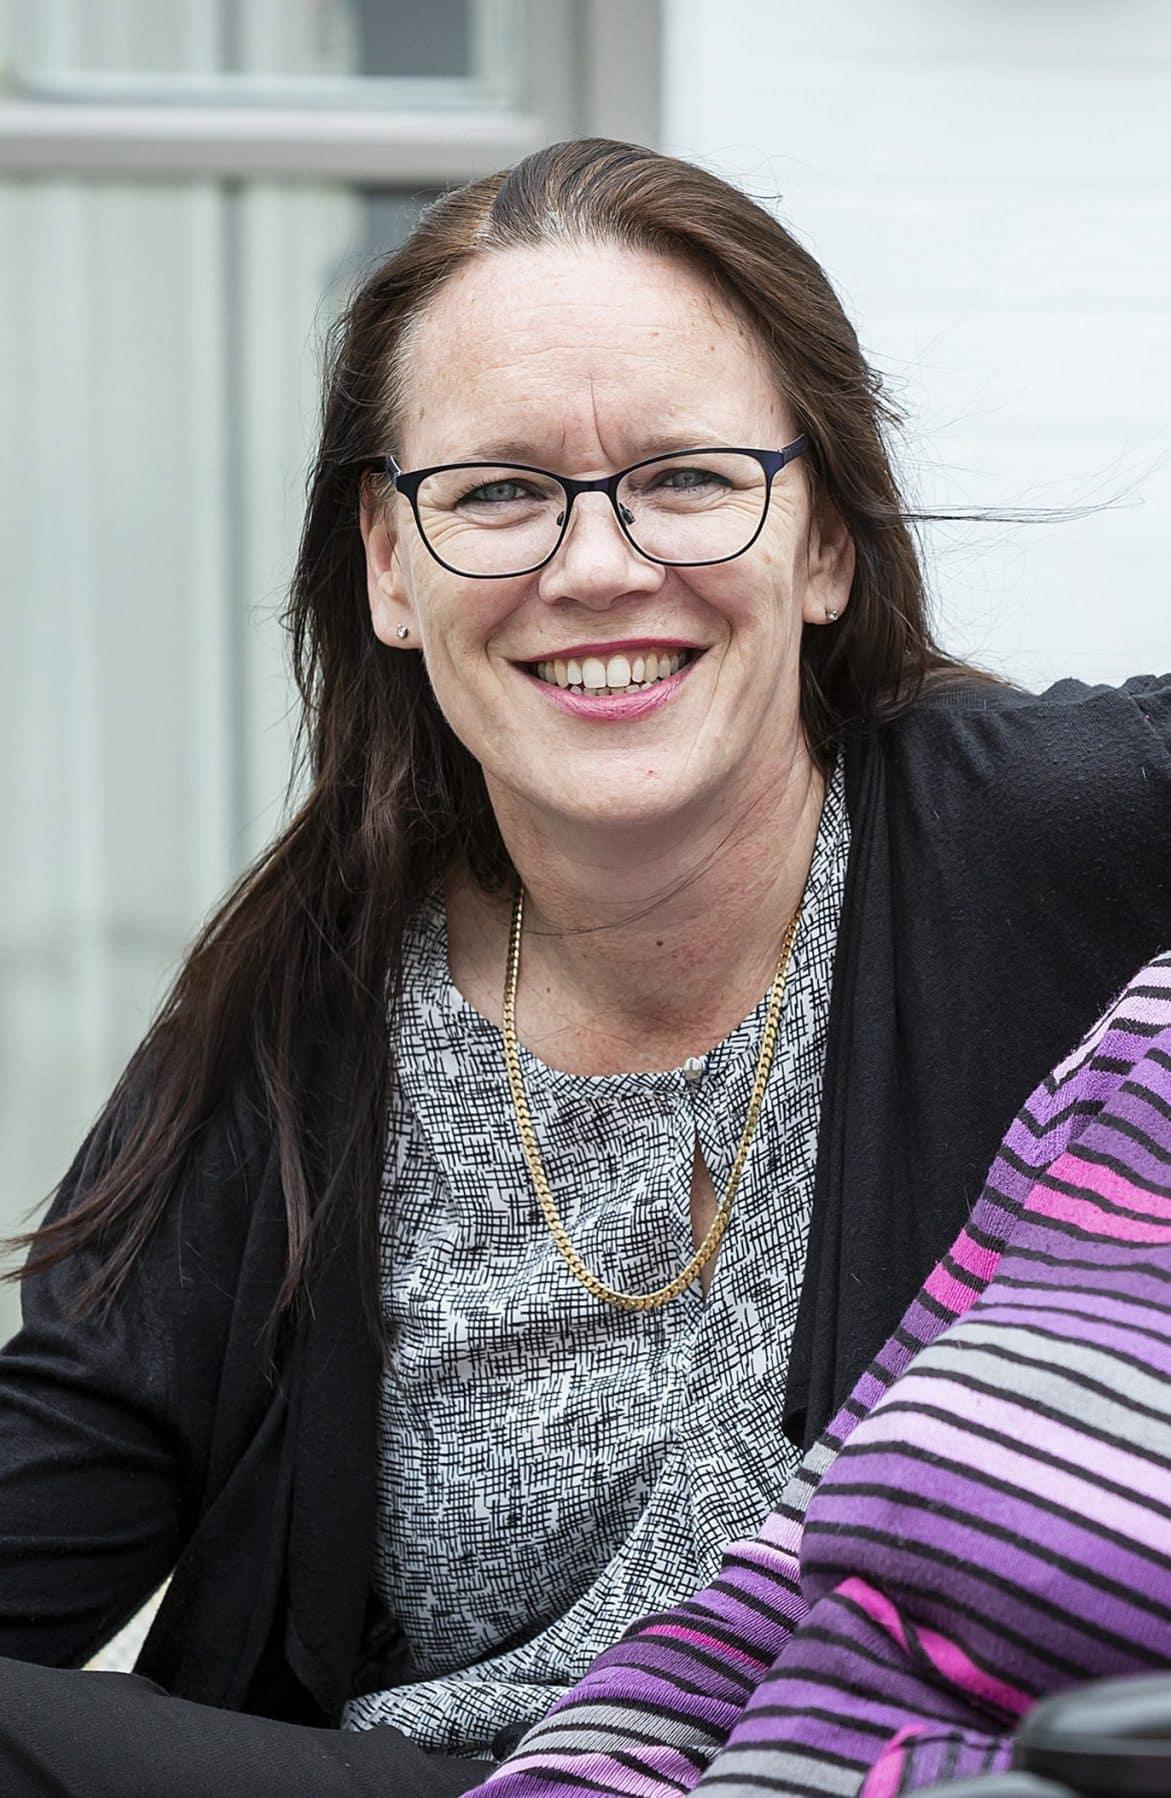 Gemma Louise Denning